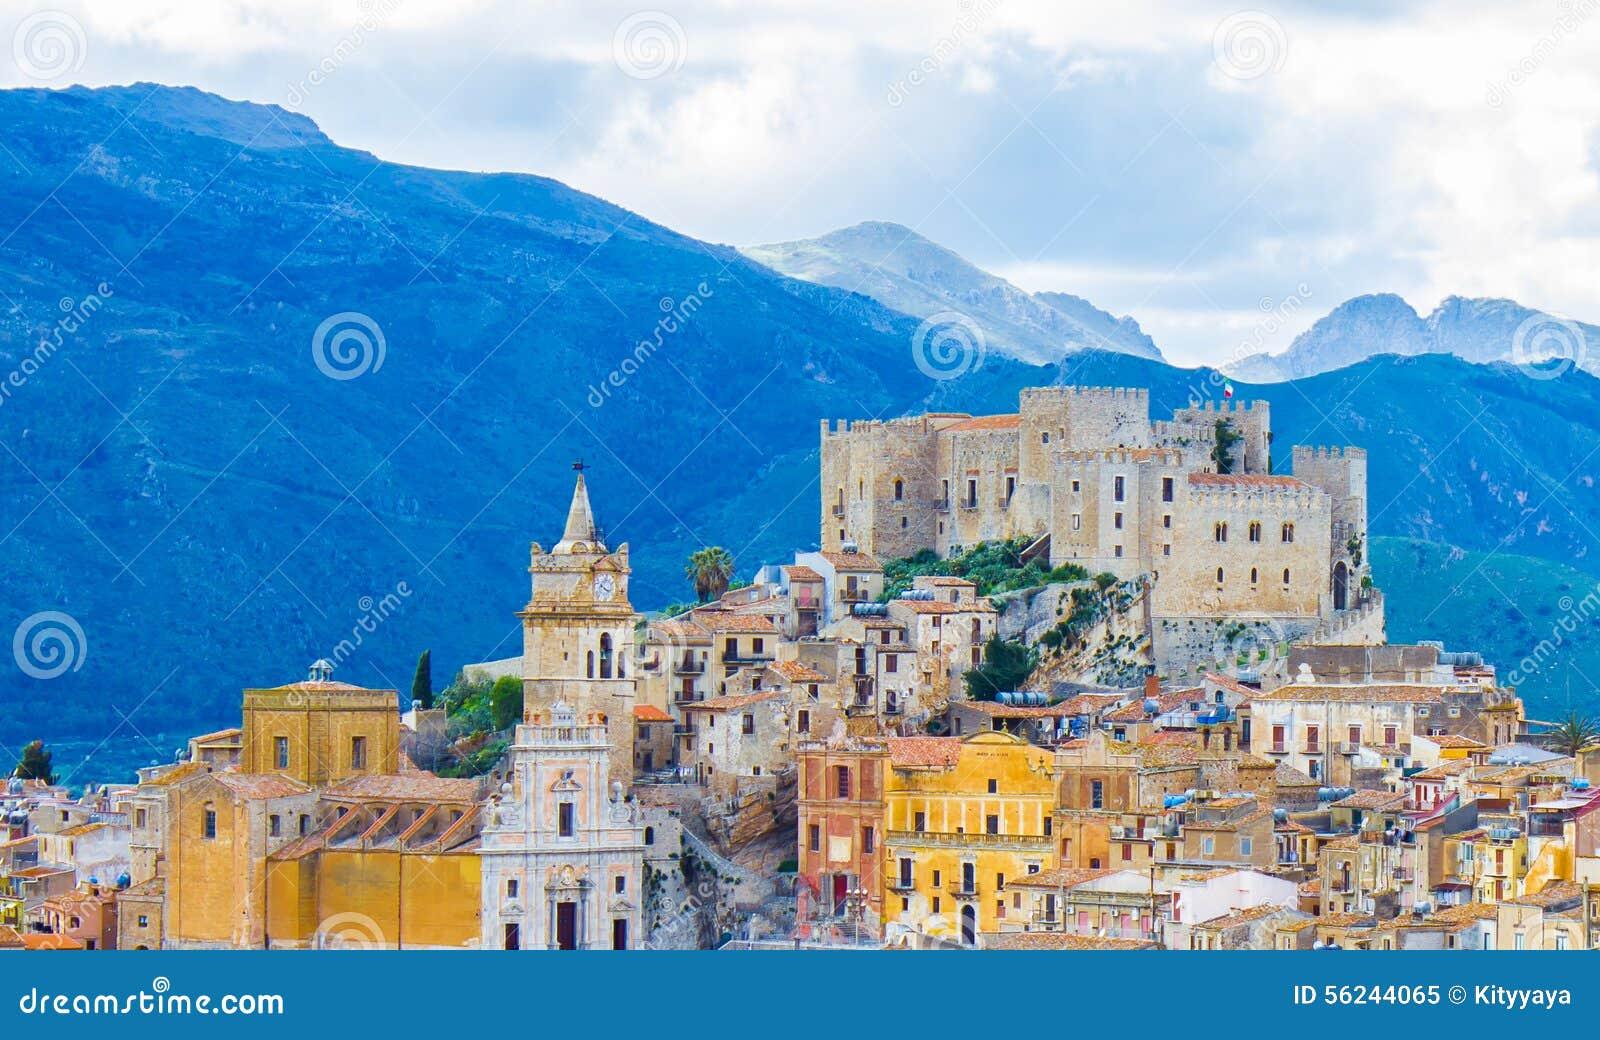 Cidade de Caccamo no monte com fundo das montanhas no dia nebuloso em Sicília